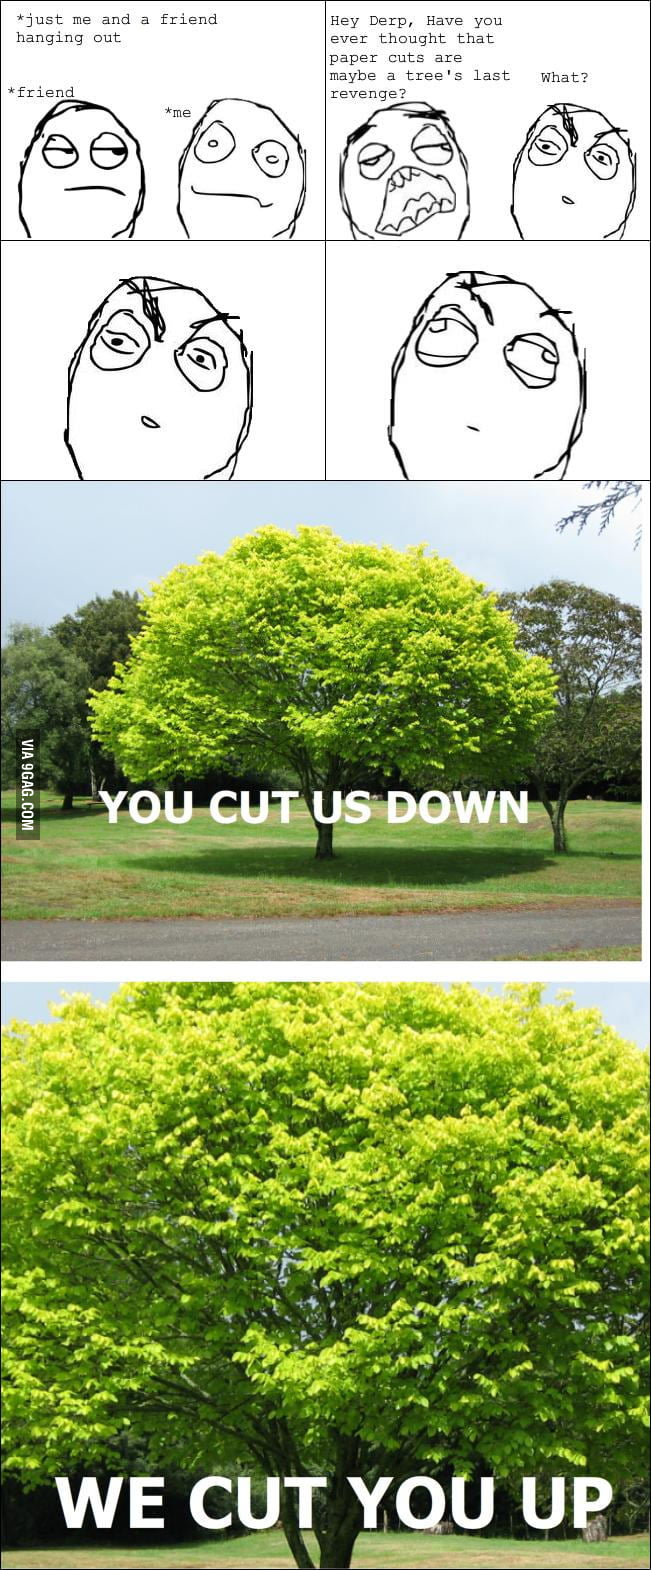 Last revenge of trees